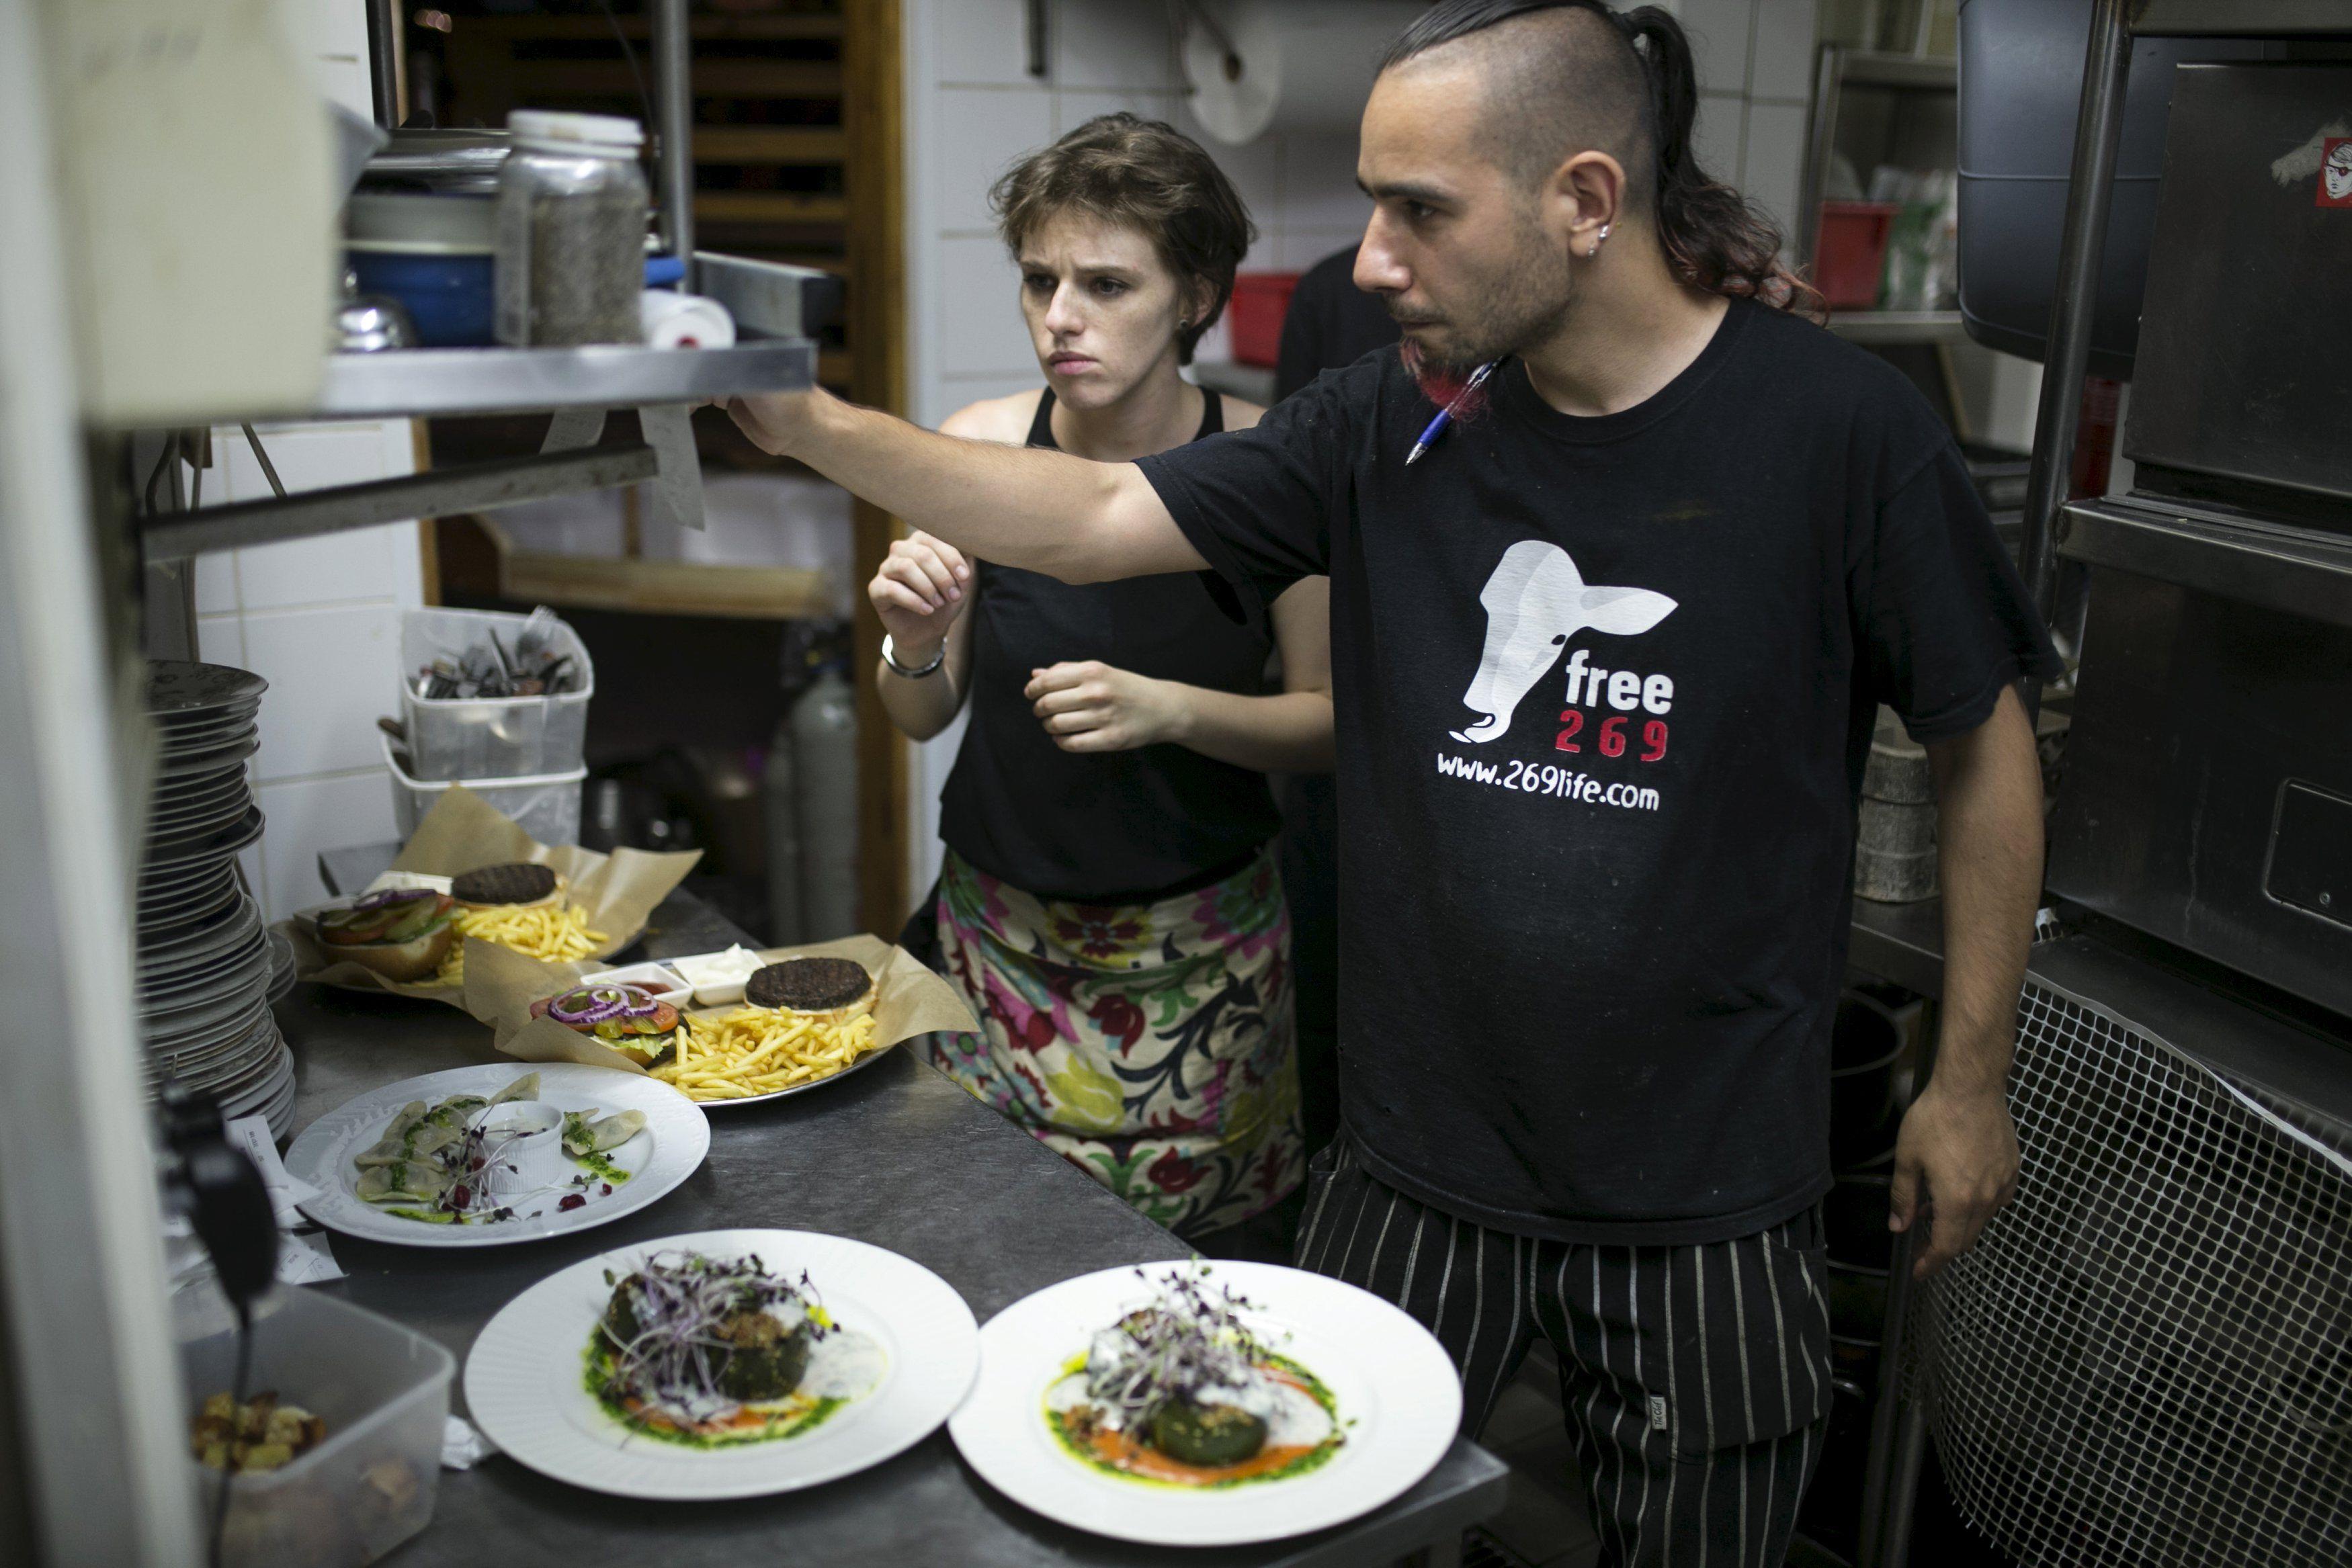 In the land of milk and honey, Israelis turn vegan